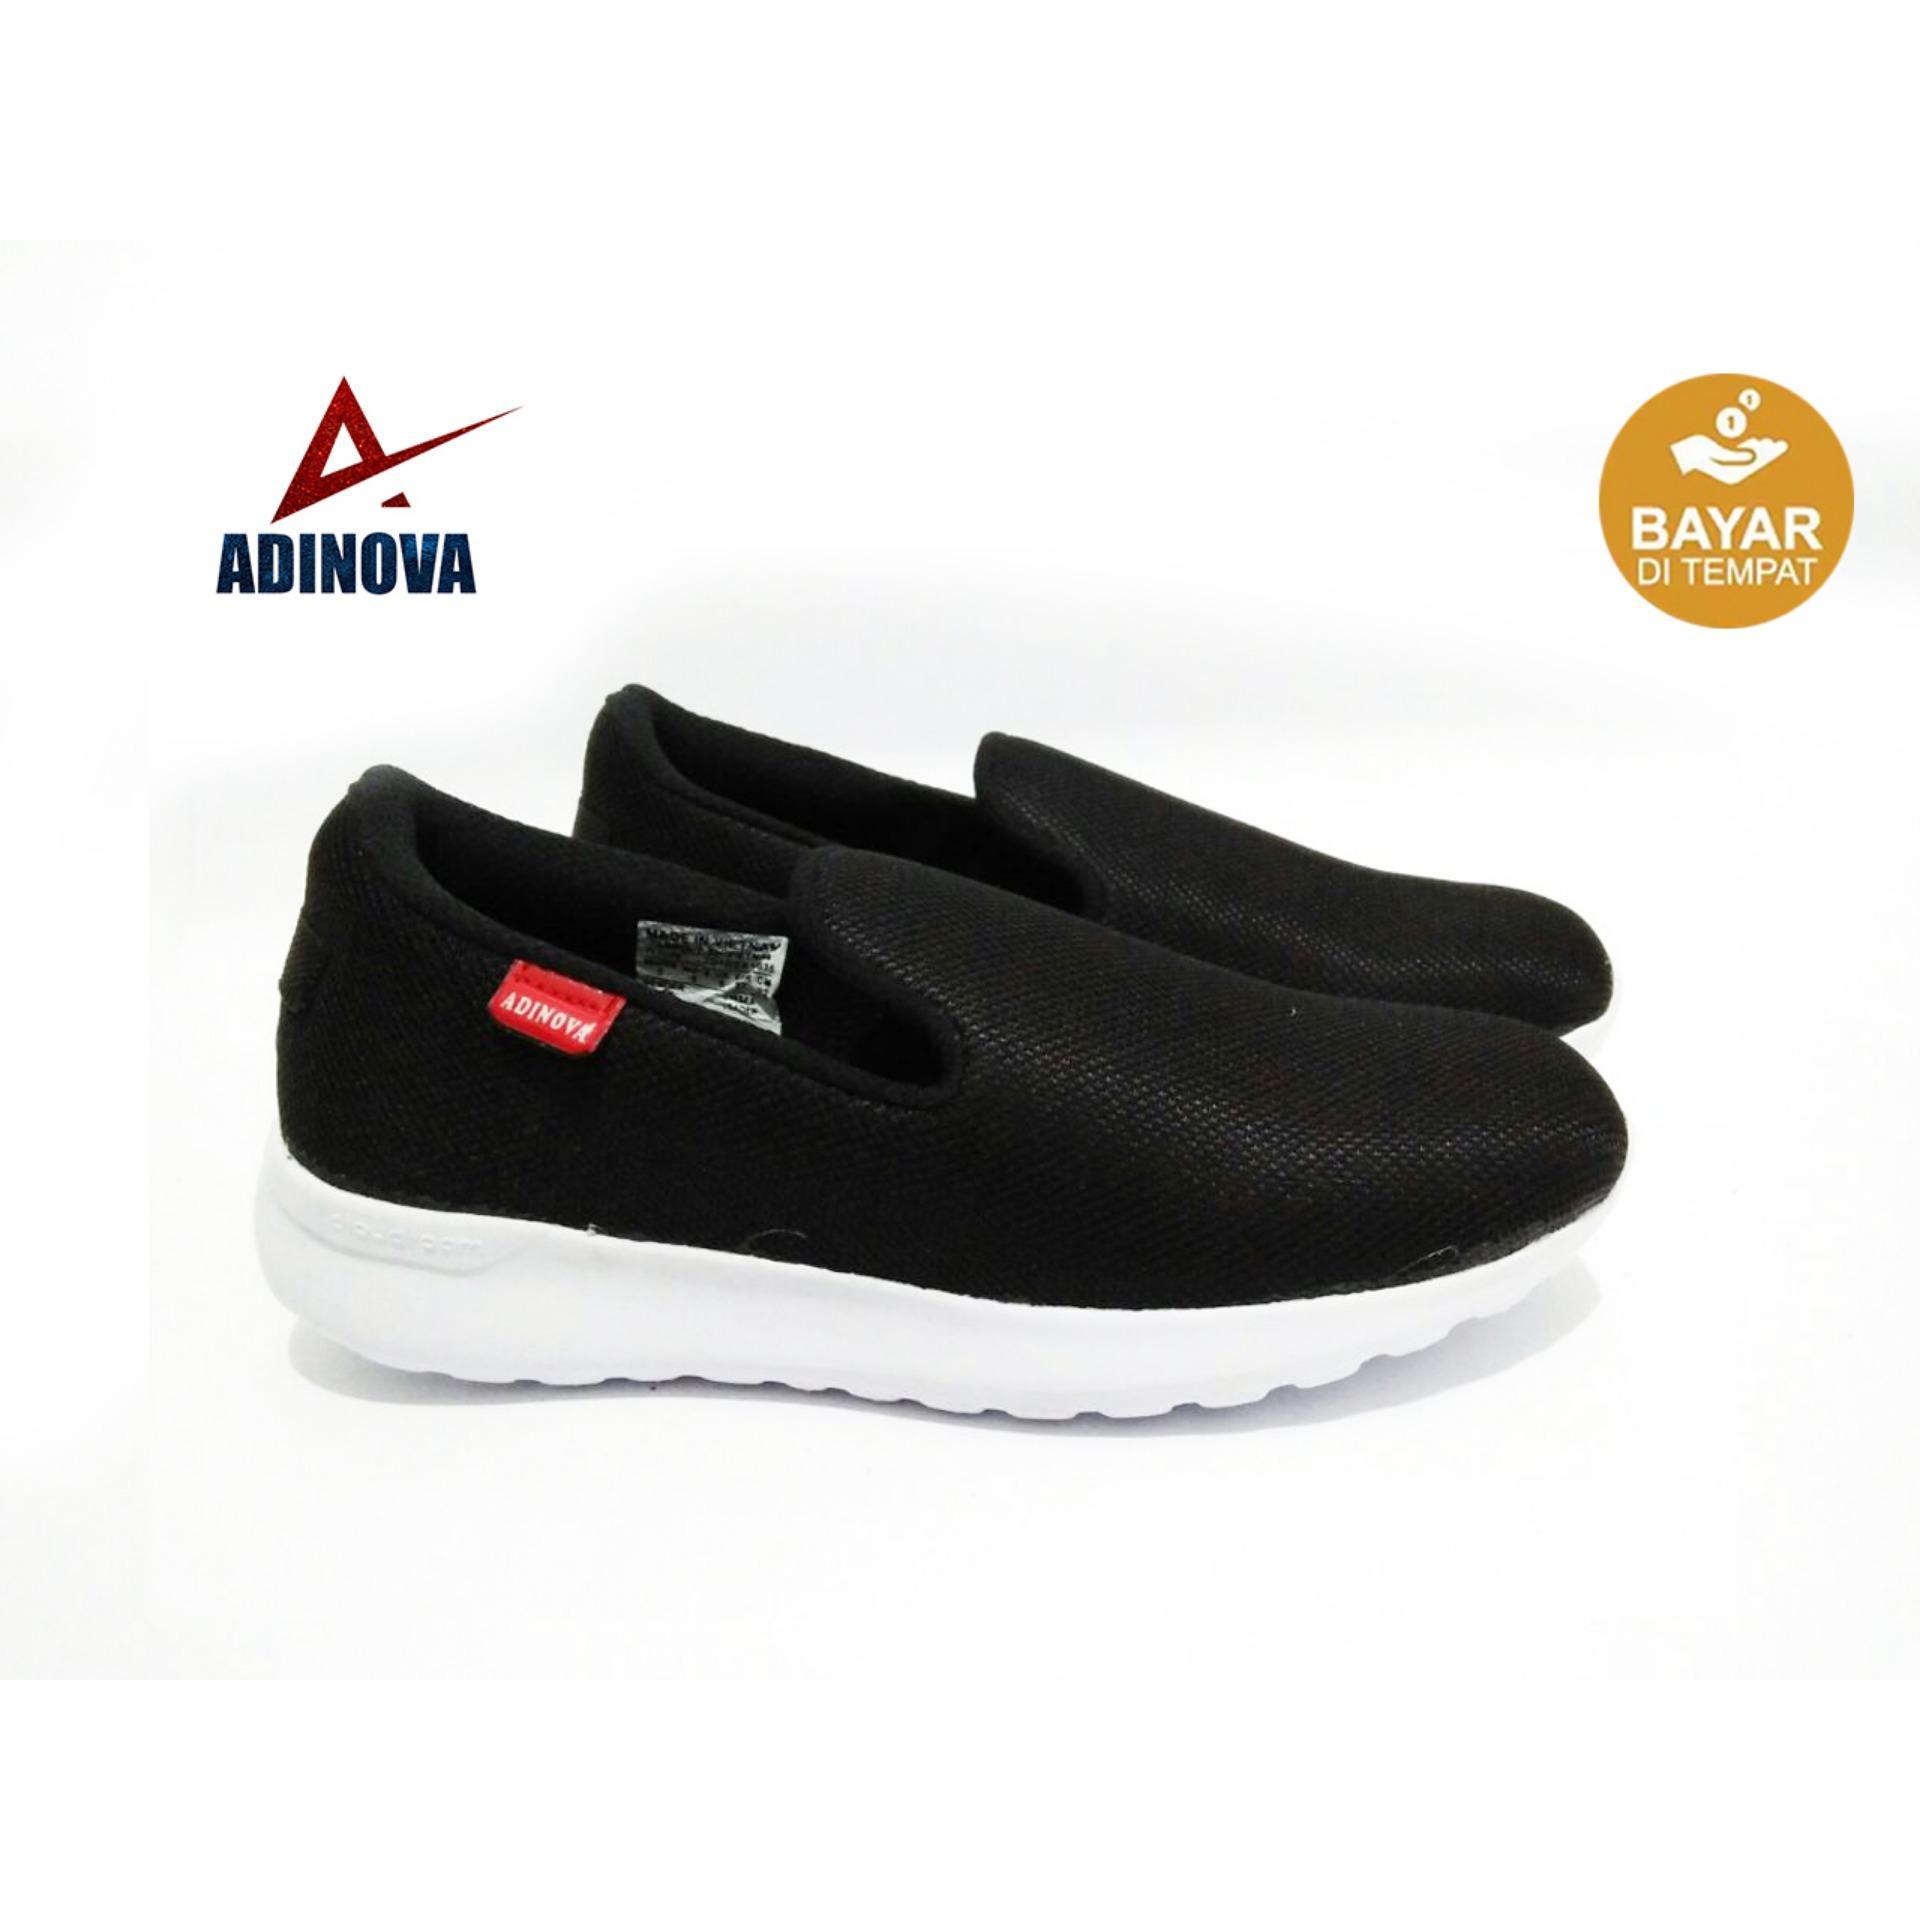 Adinova Sepatu Pria Kets/ Sepatu Slip On Sepatu Santai dan Sepatu Sport A01